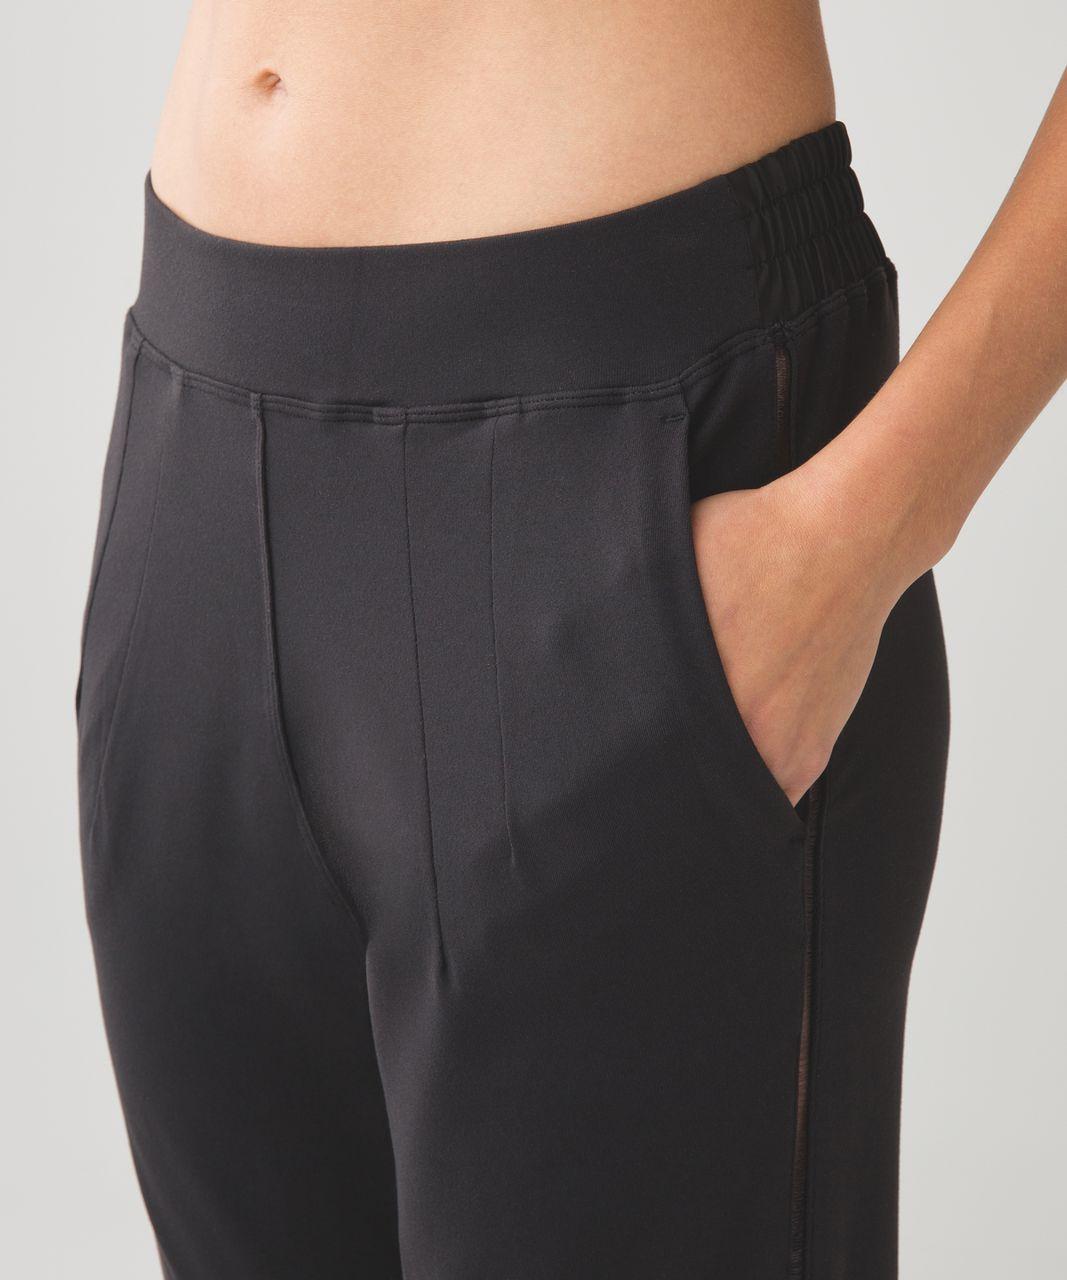 Lululemon Post Barre Pant - Black